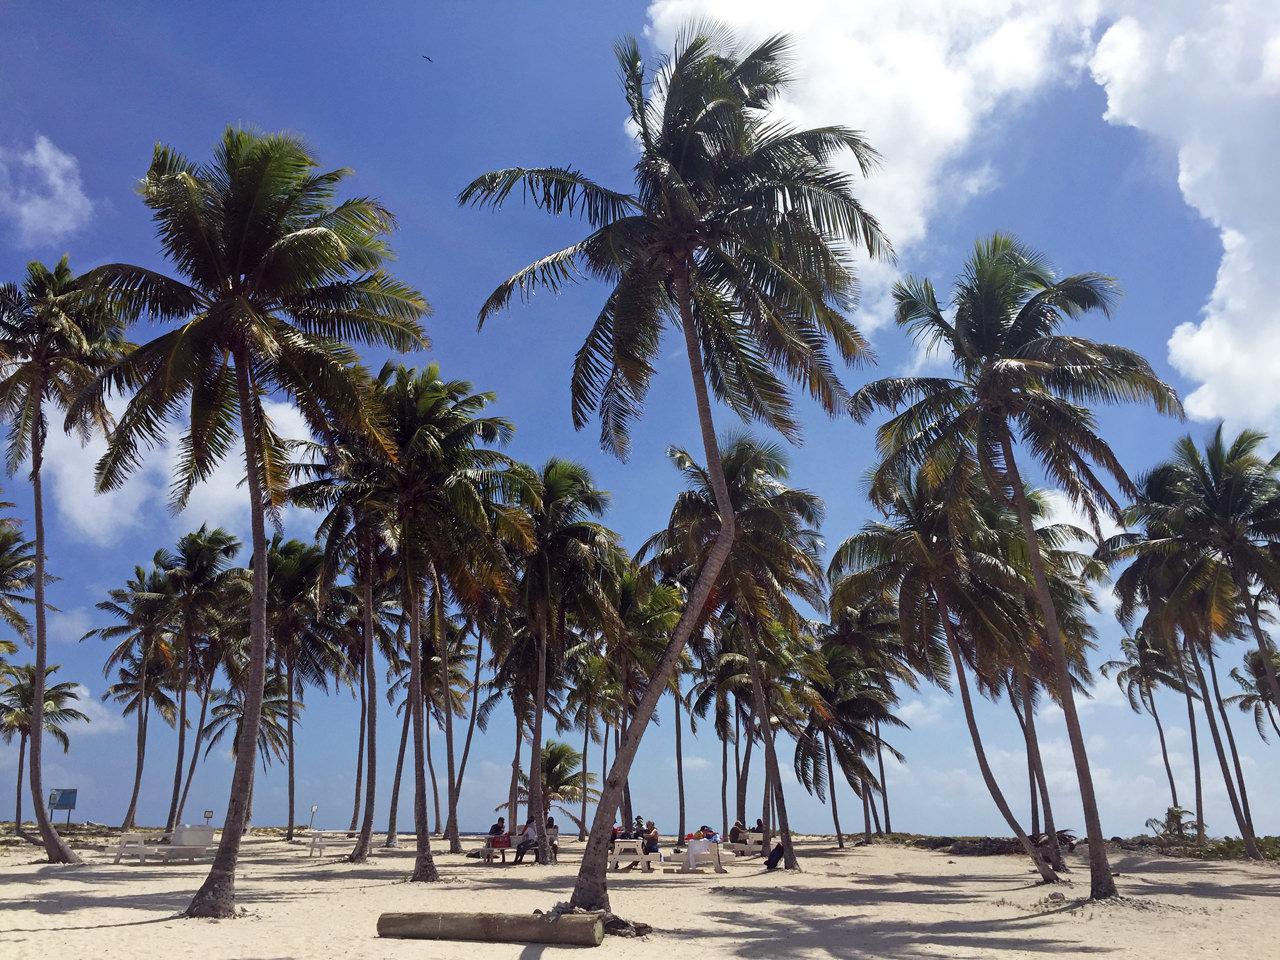 ヤシの木とココナッツ